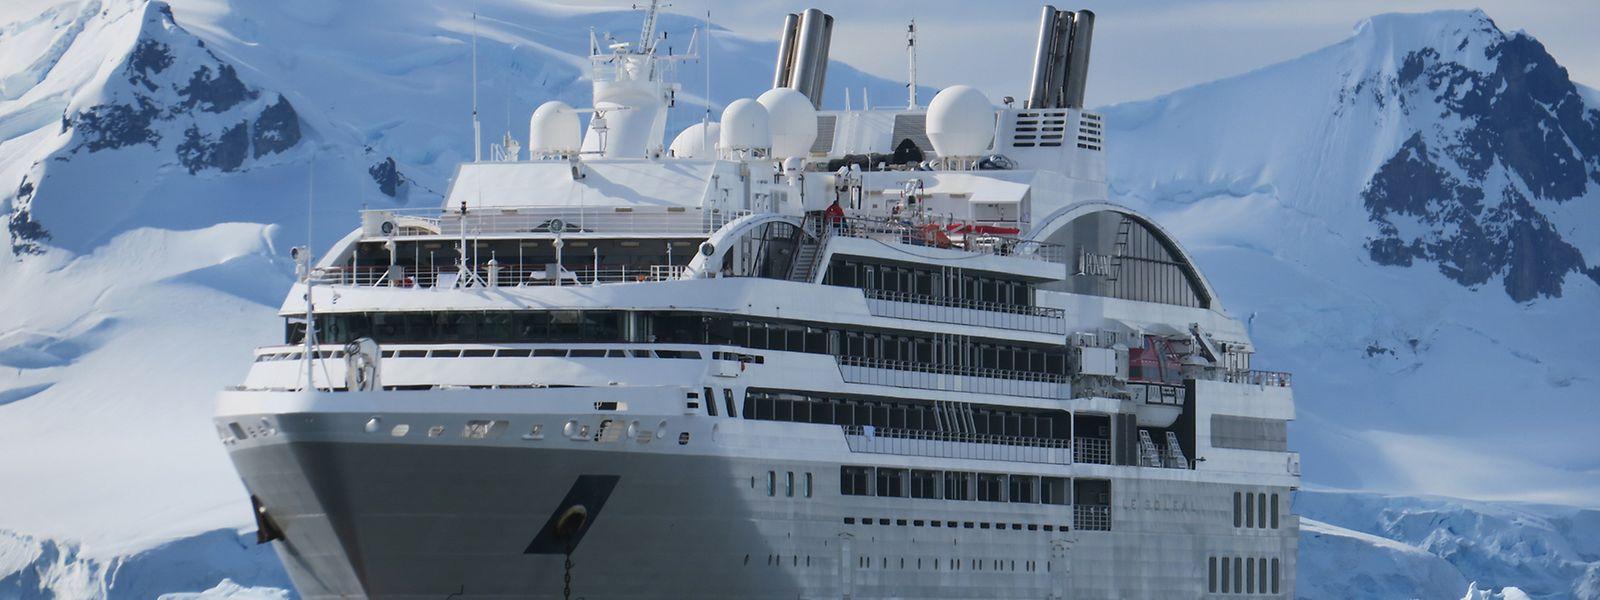 """Die """"Le Soléal"""" ist eines der Expeditionsschiffe der französischen Reederei Ponant."""